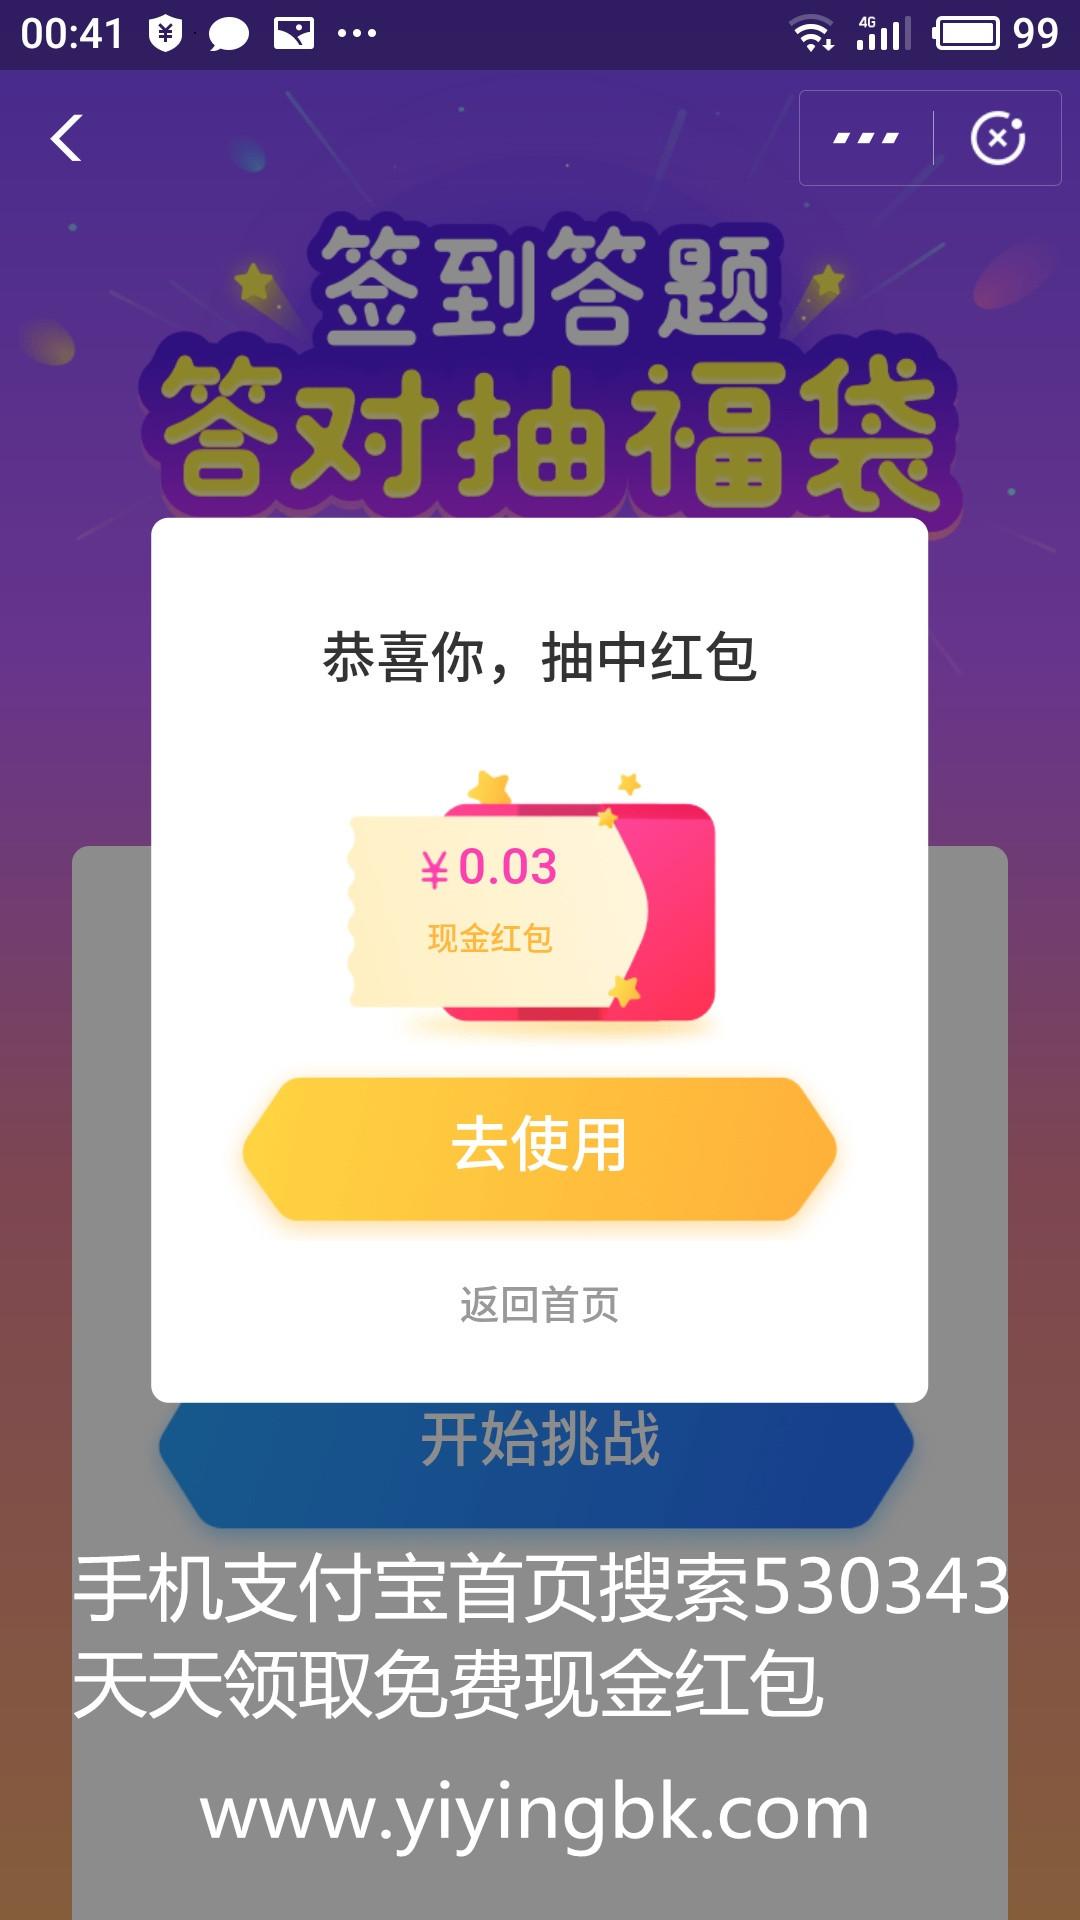 手机支付宝答题领红包,每期瓜分88888元现金红包。